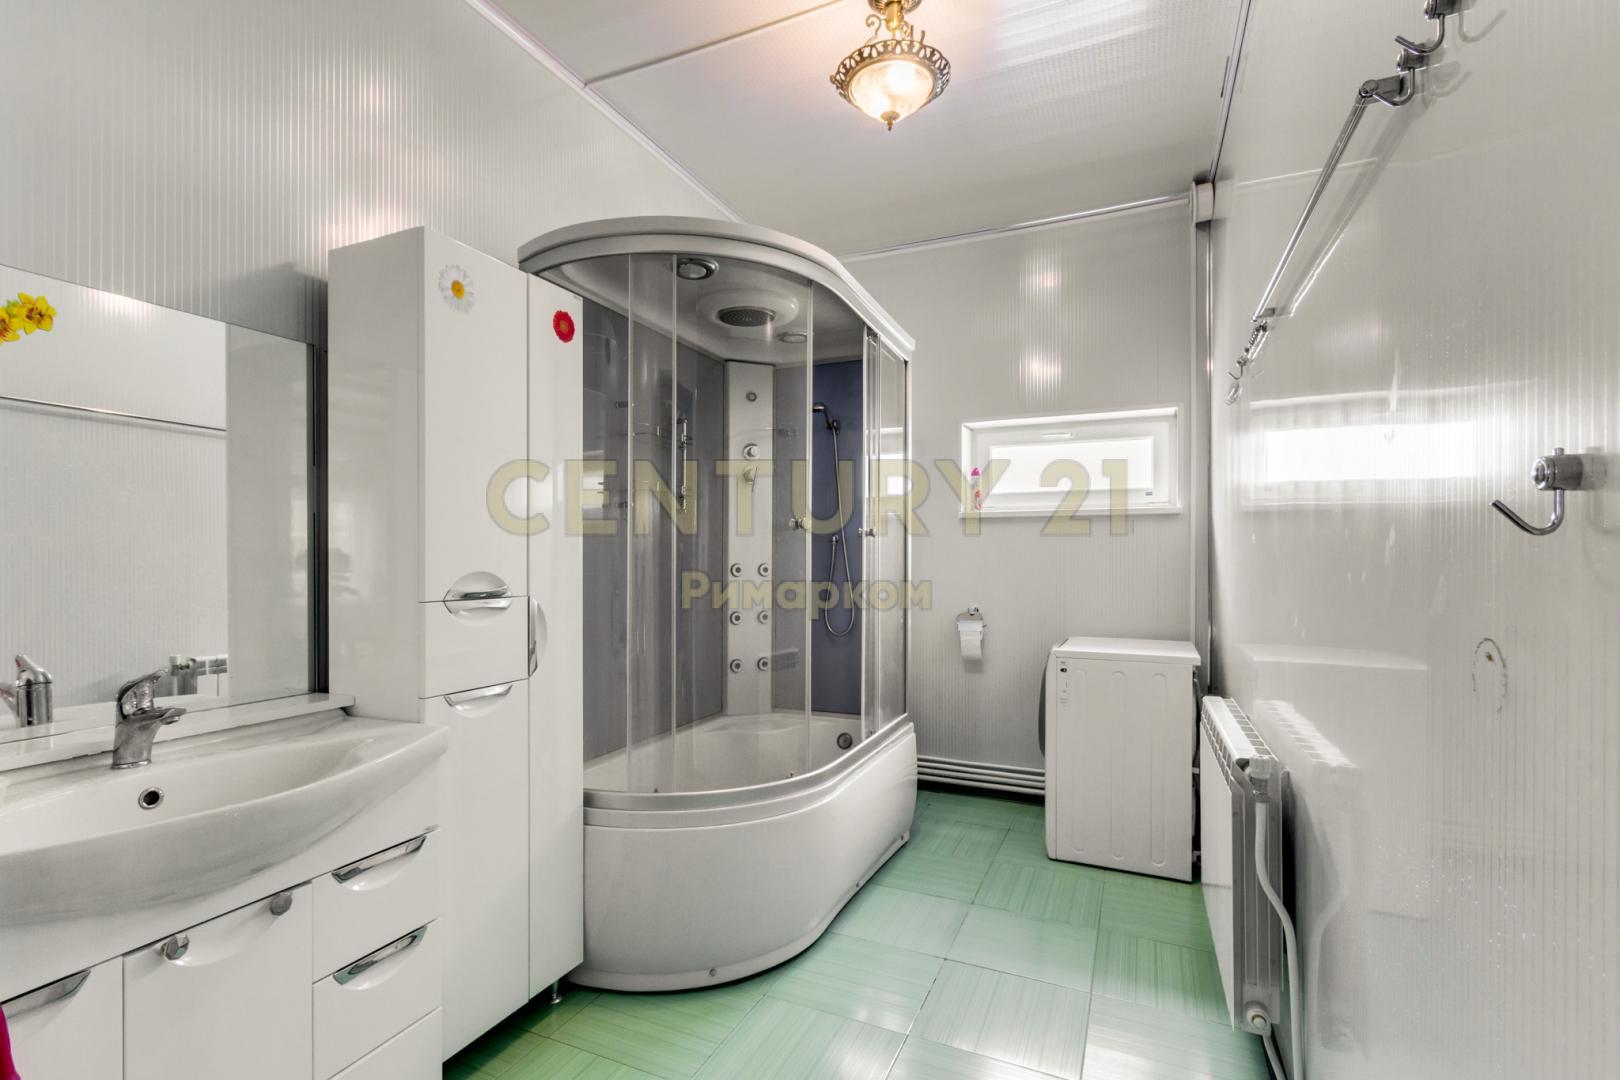 Продам дом по адресу Россия, Троицкий административный округ, Каменка фото 18 по выгодной цене